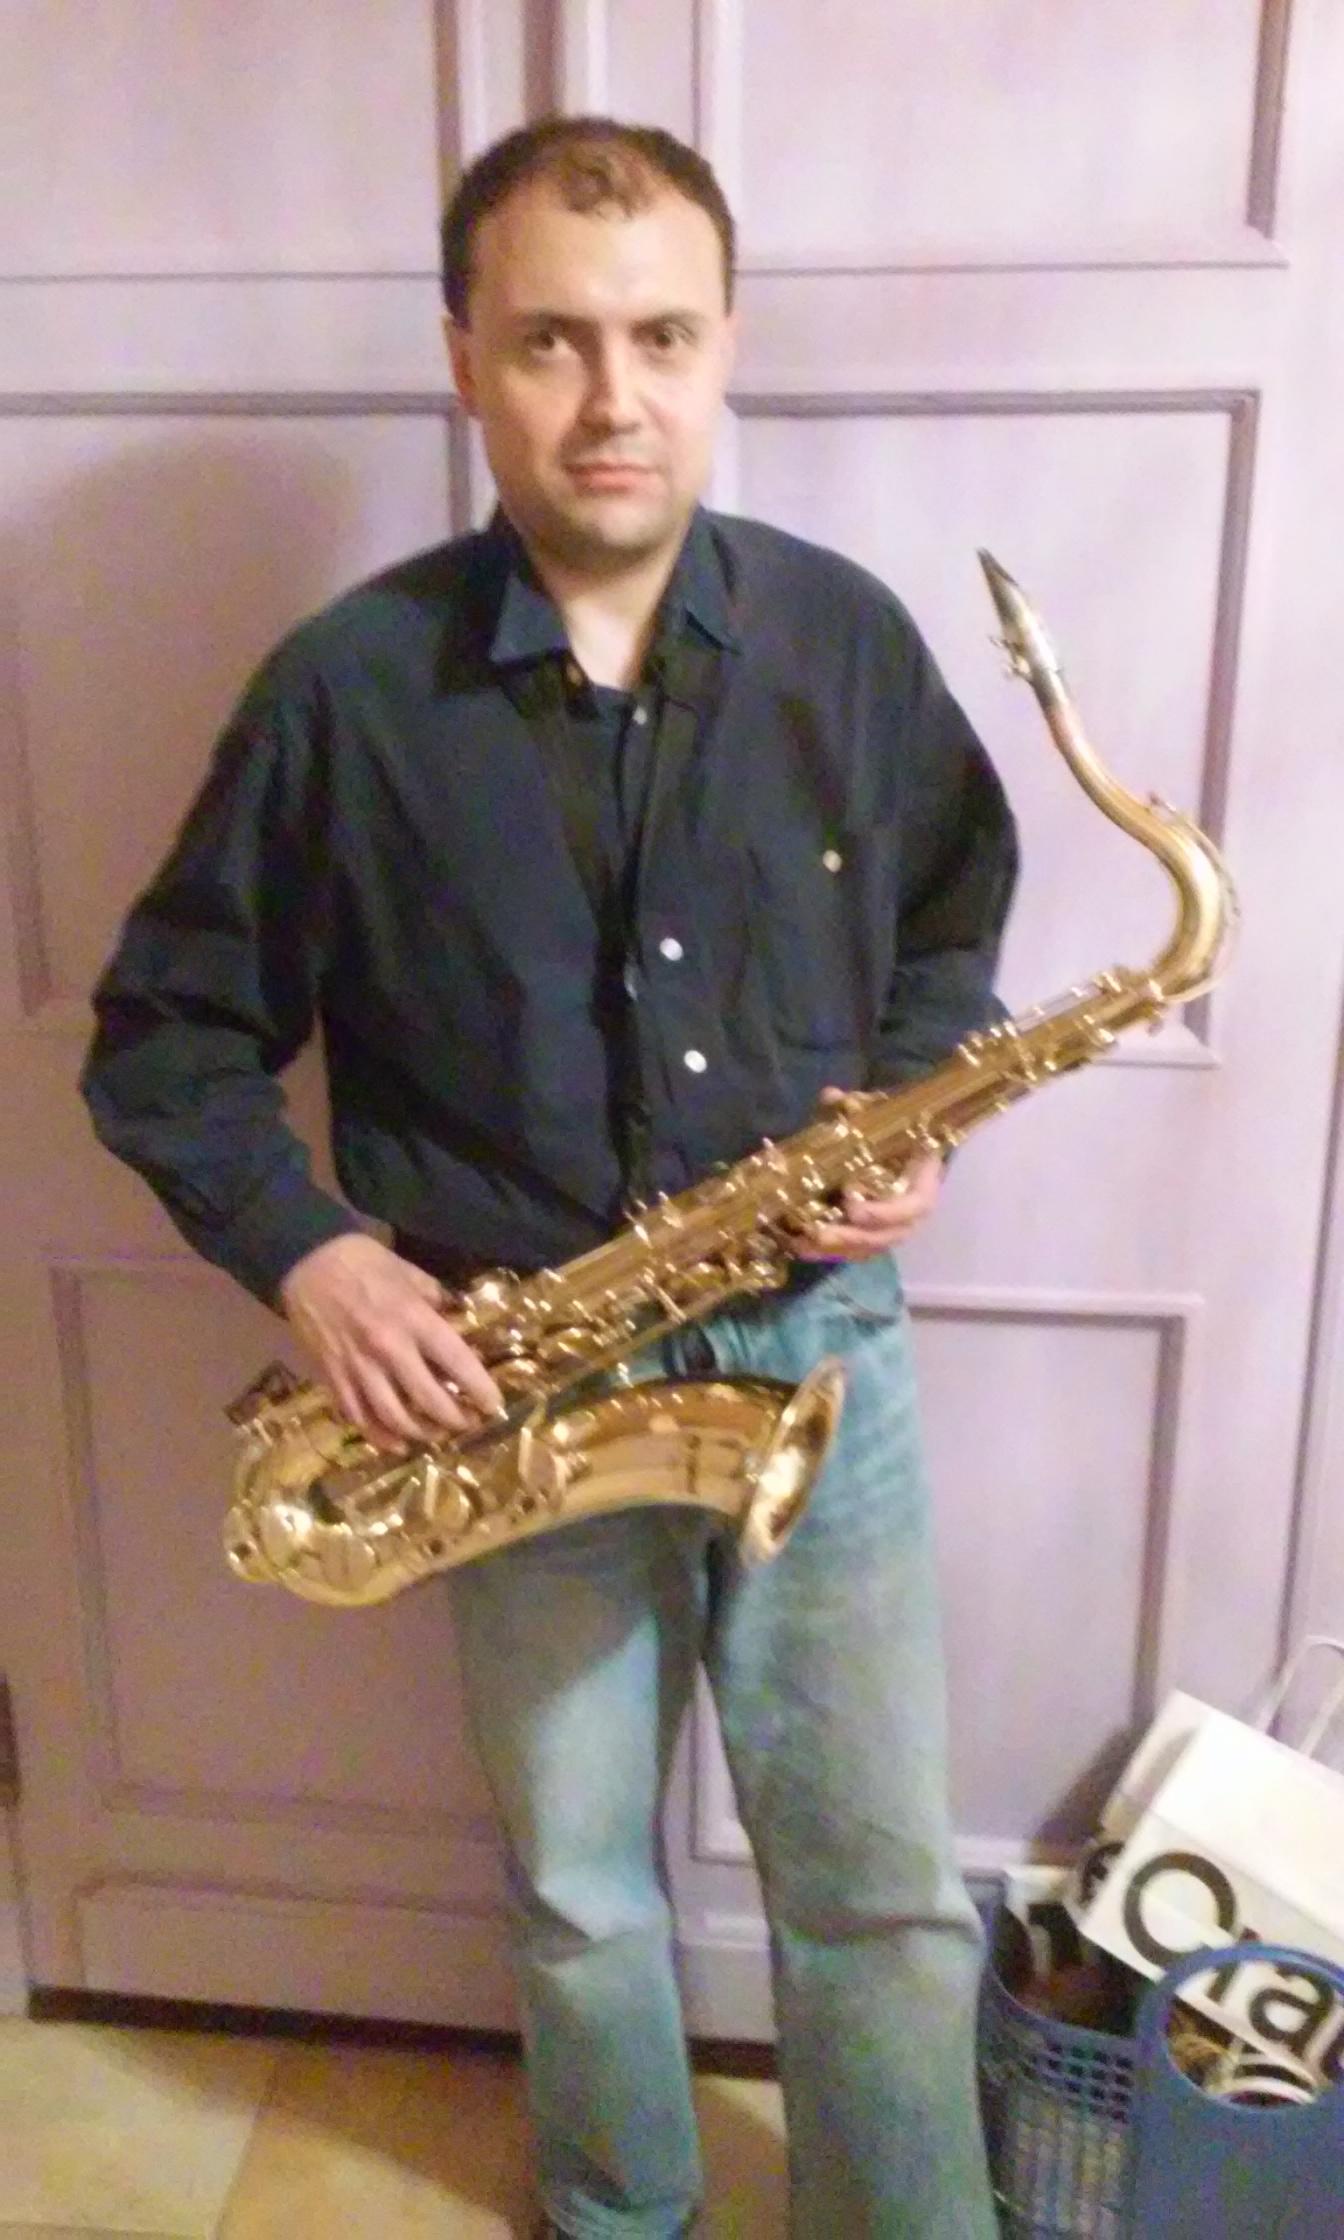 Тенор-саксофон Yamaha YTS-32